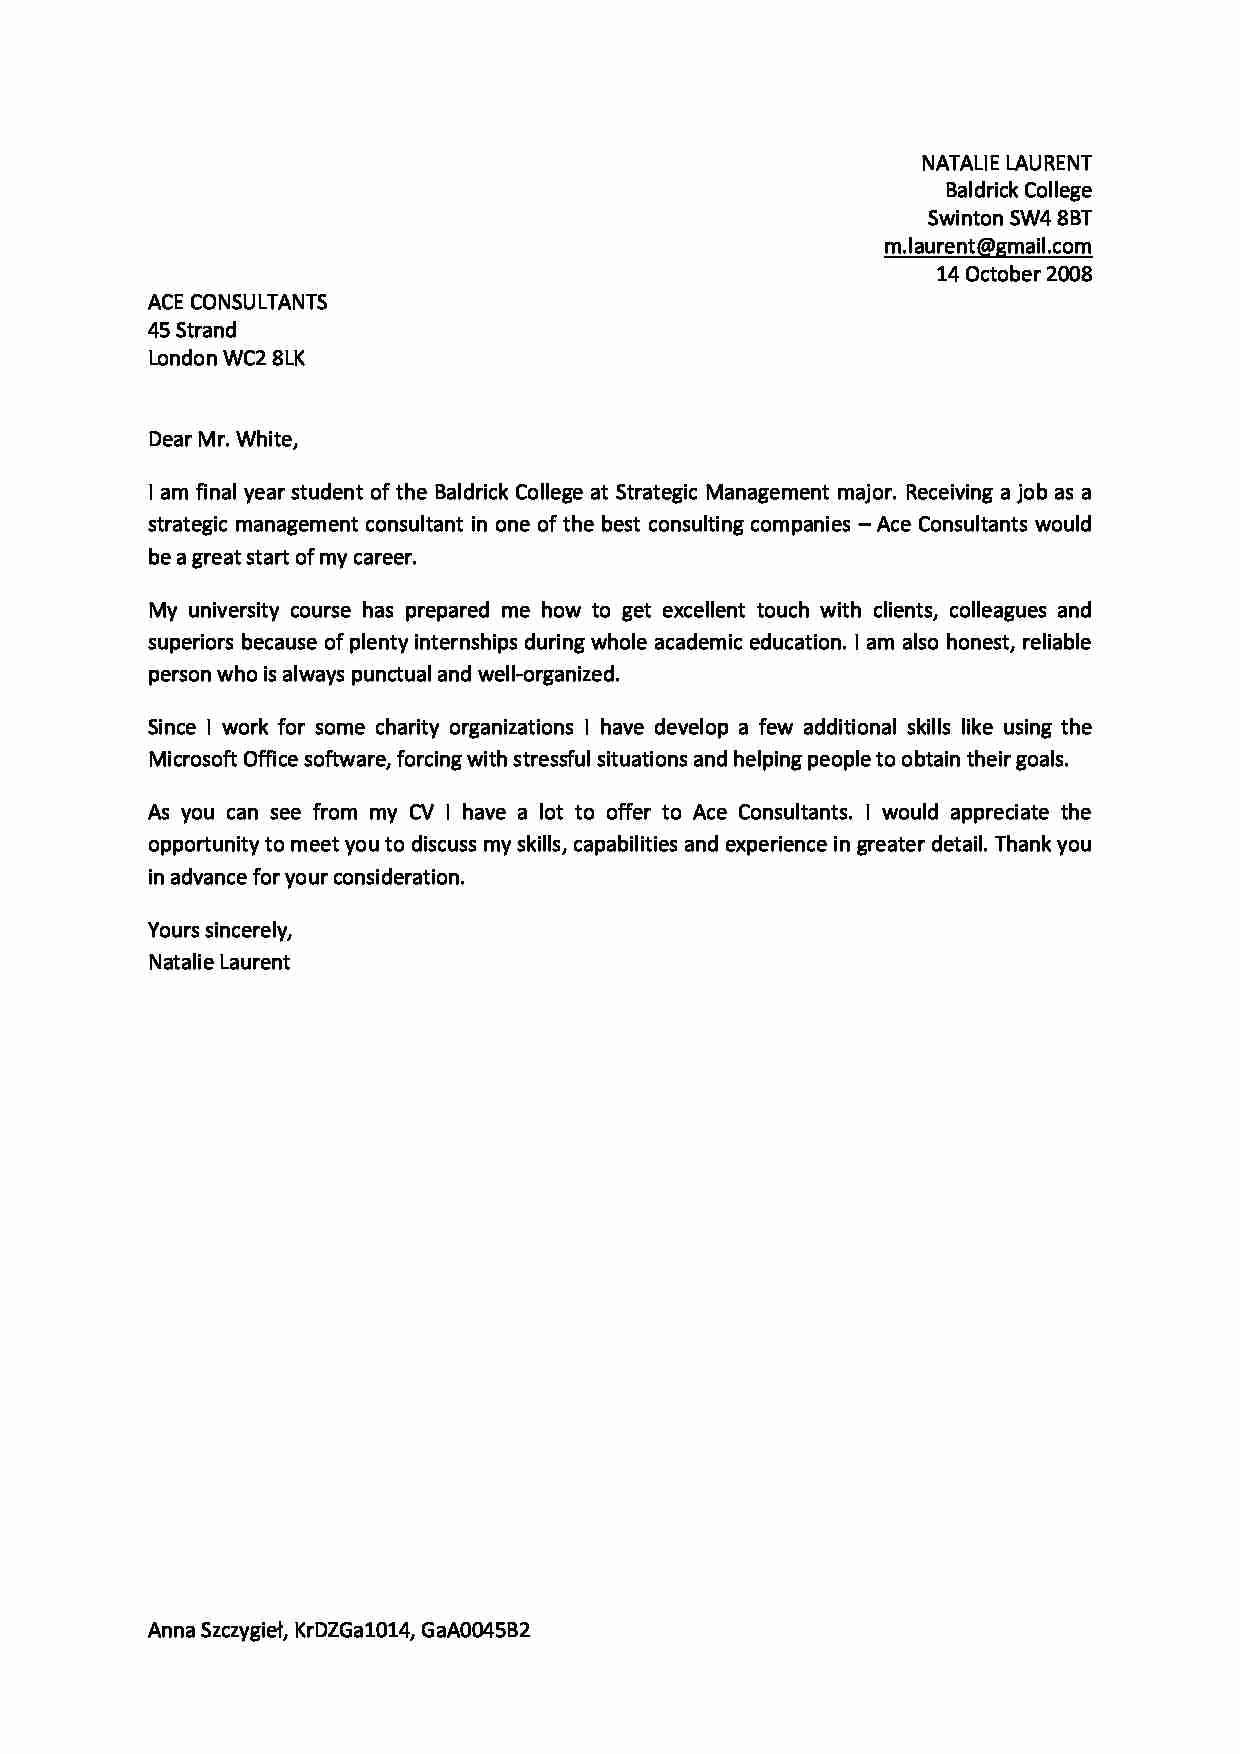 cover letter for offer letter